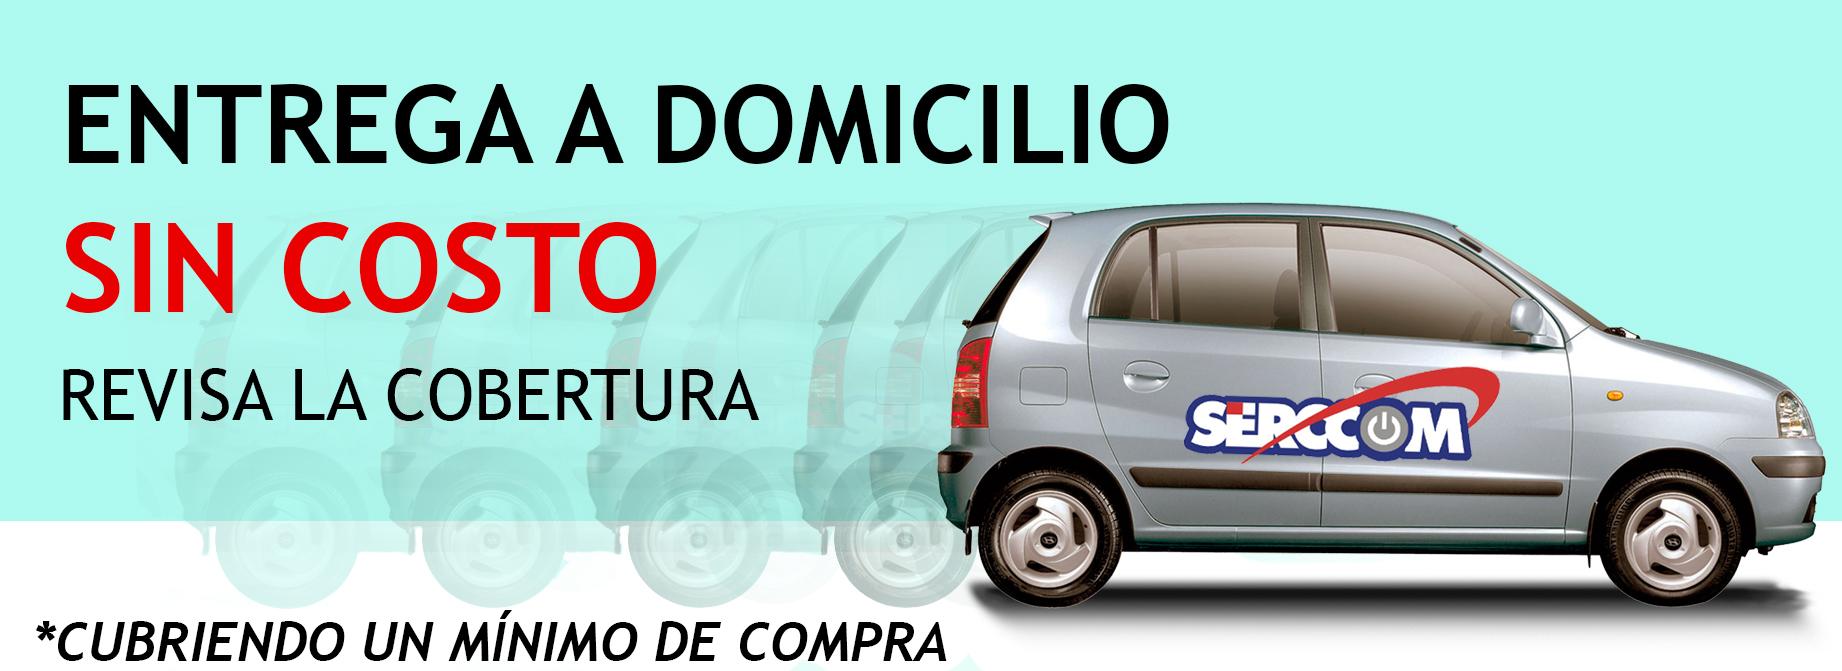 SERVICIO-A-DOMICILIO